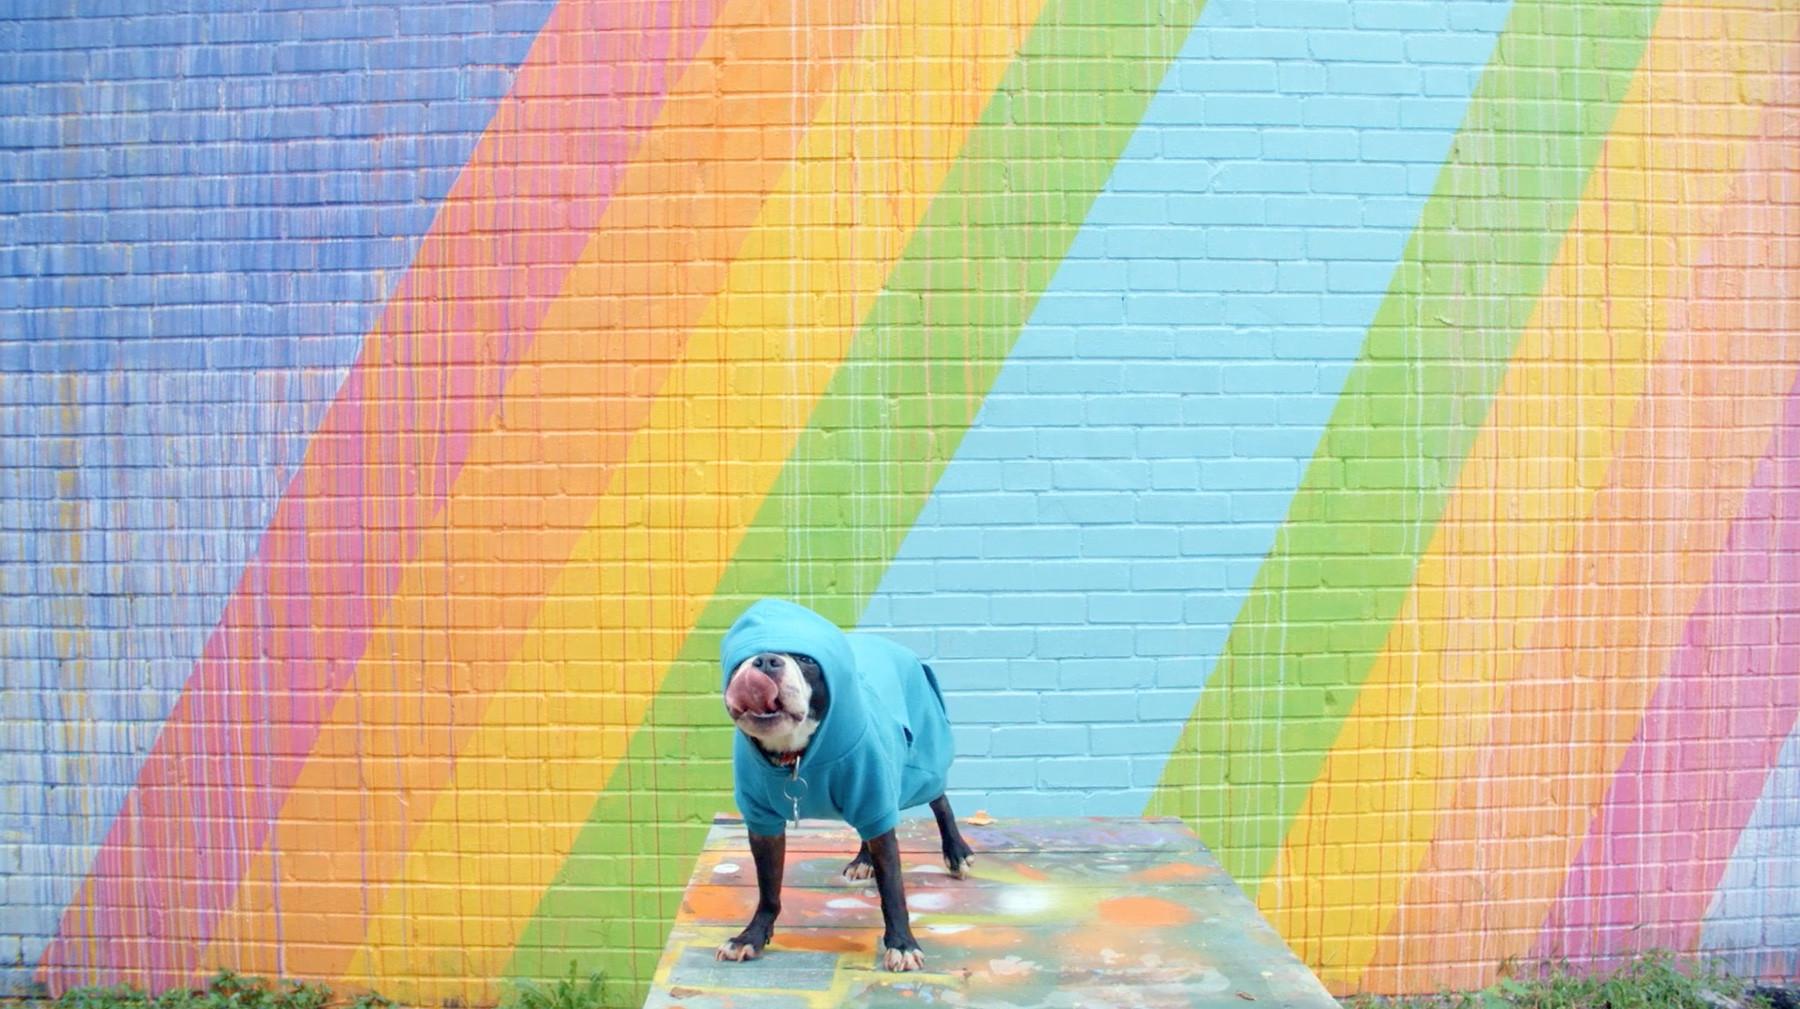 Make Raleigh Colorful